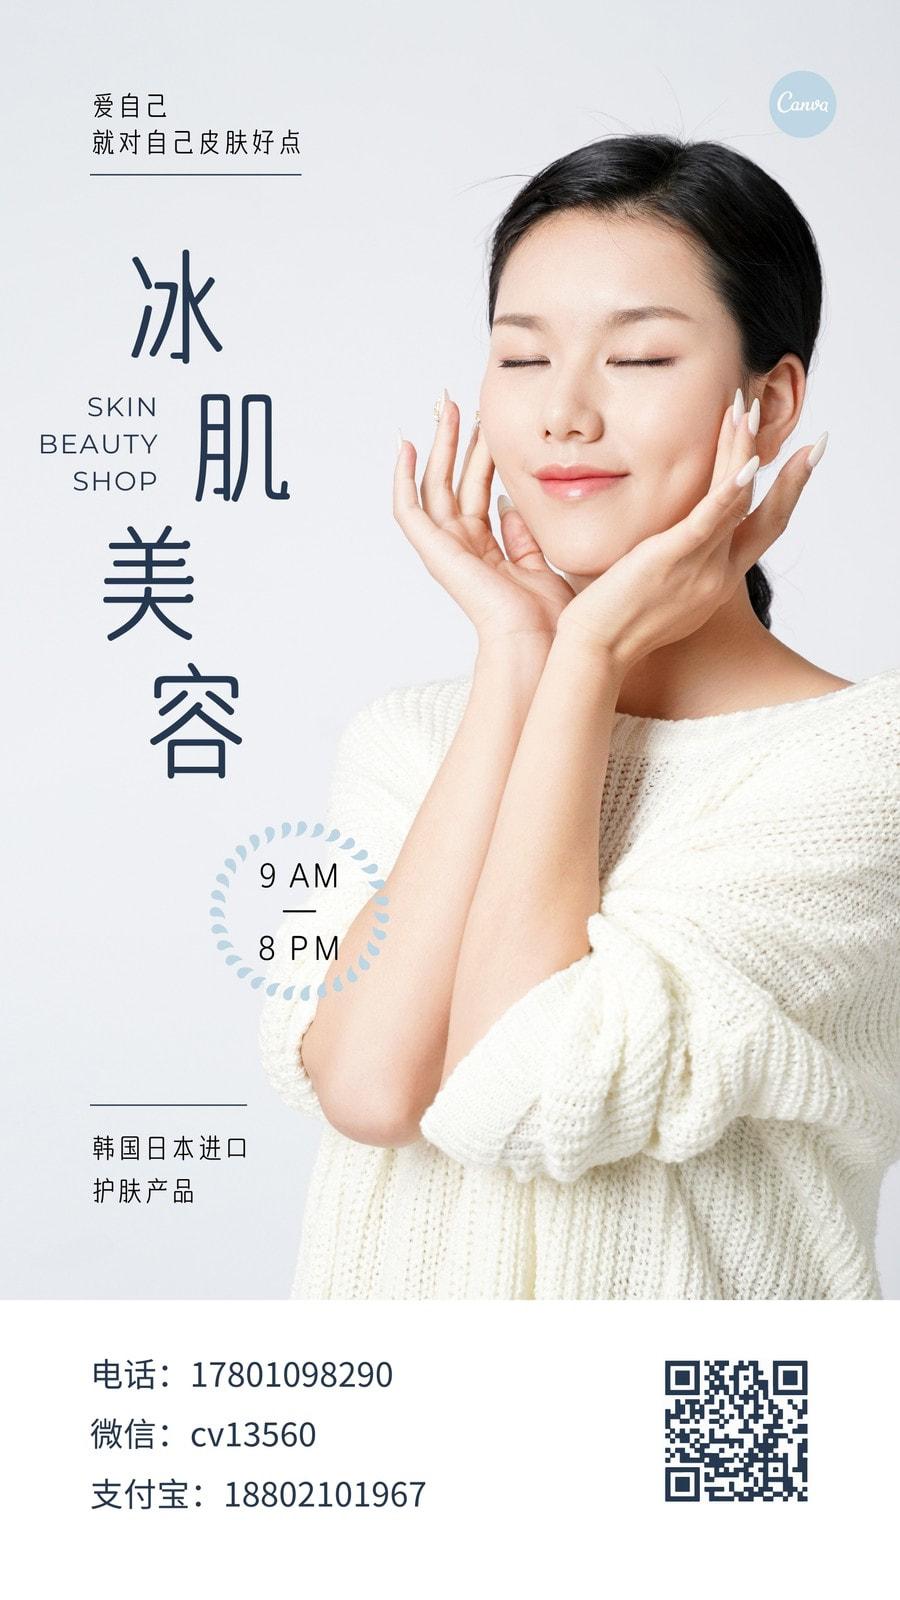 灰蓝色护肤女生照片美容宣传中文电子名片